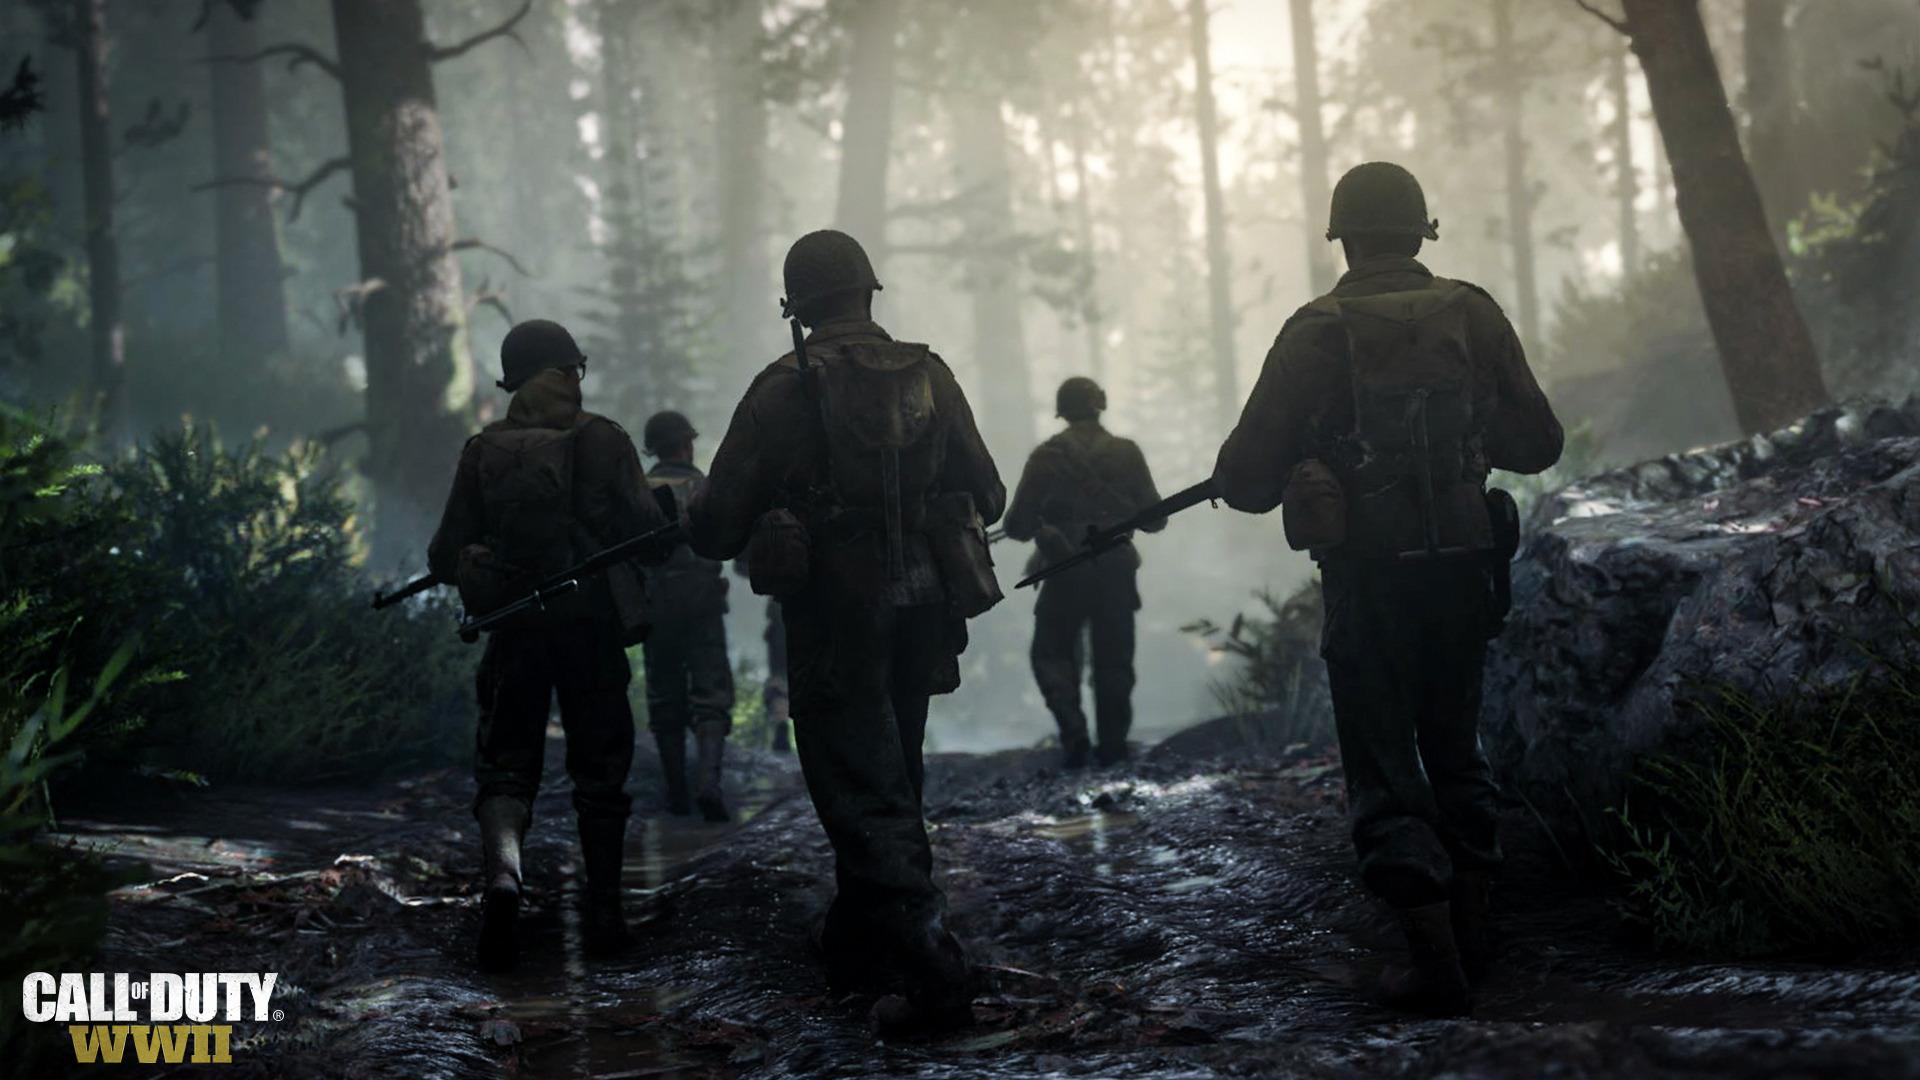 Вышел первый трейлер Call of Duty: WWII